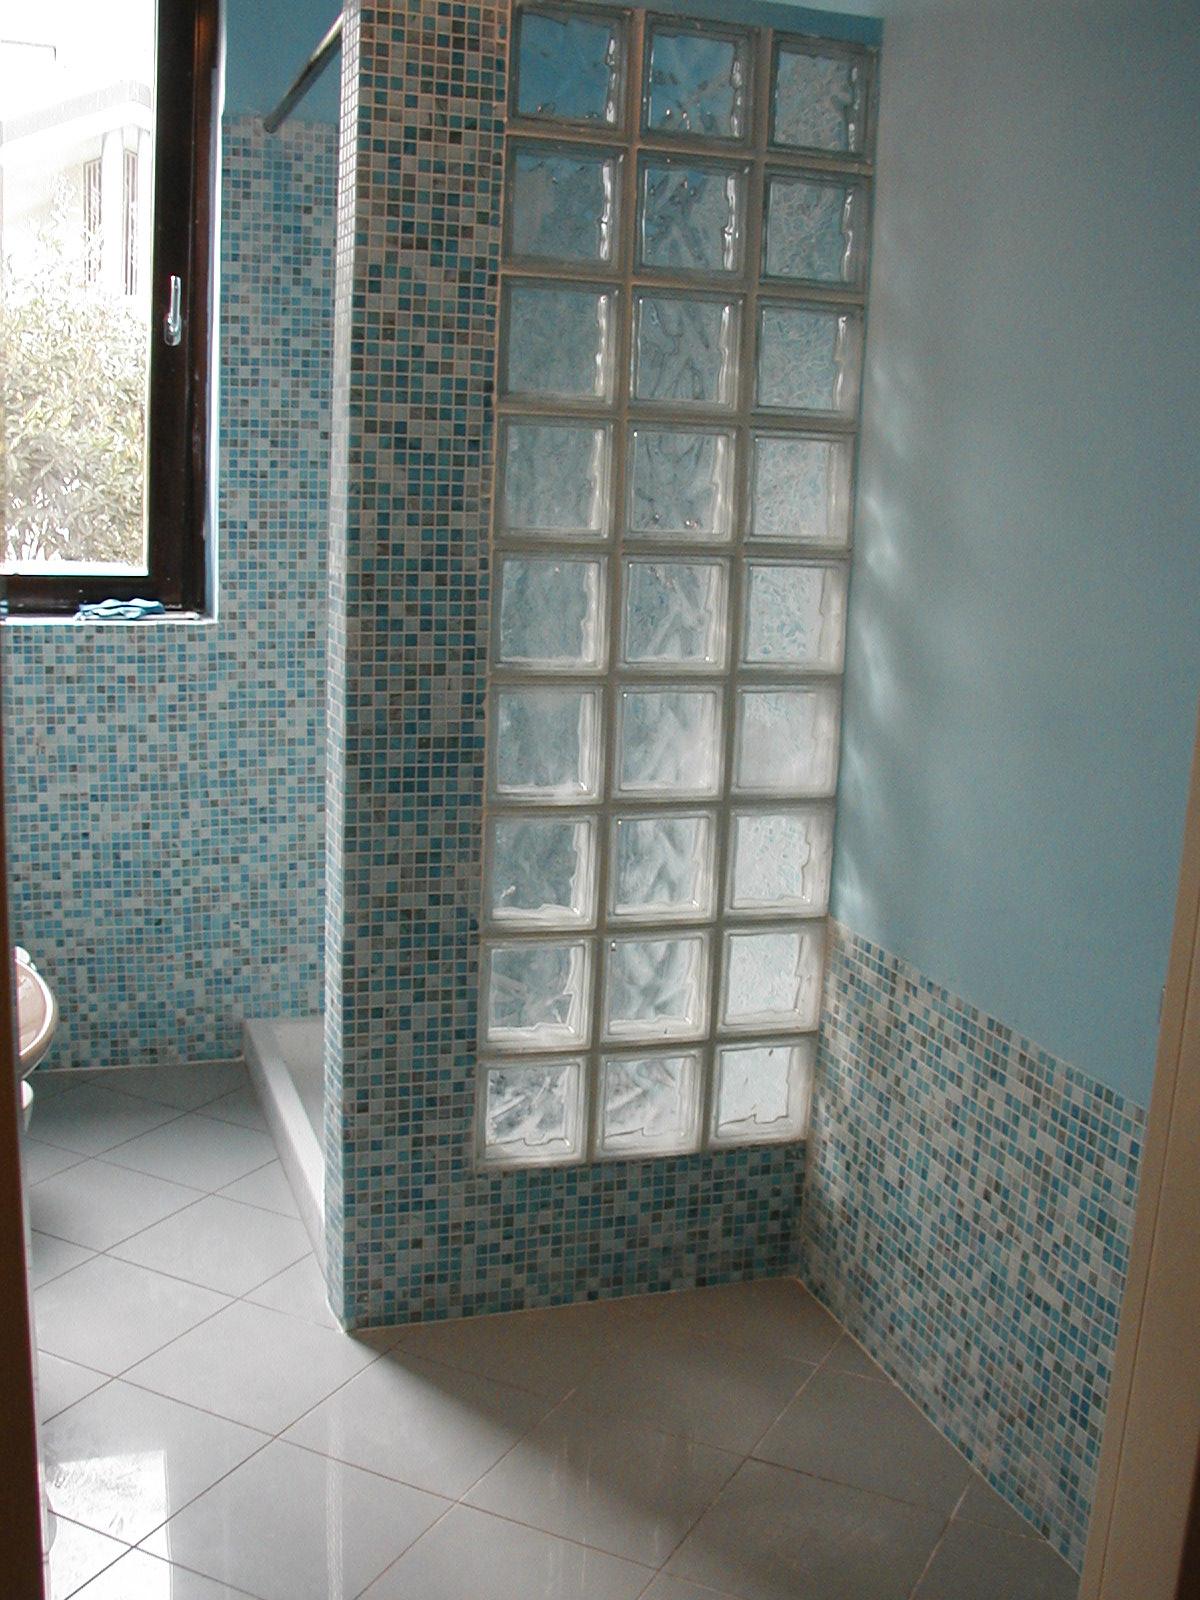 Bagno muratura con mosaico: mosaico in docce muratura. mobile in ...